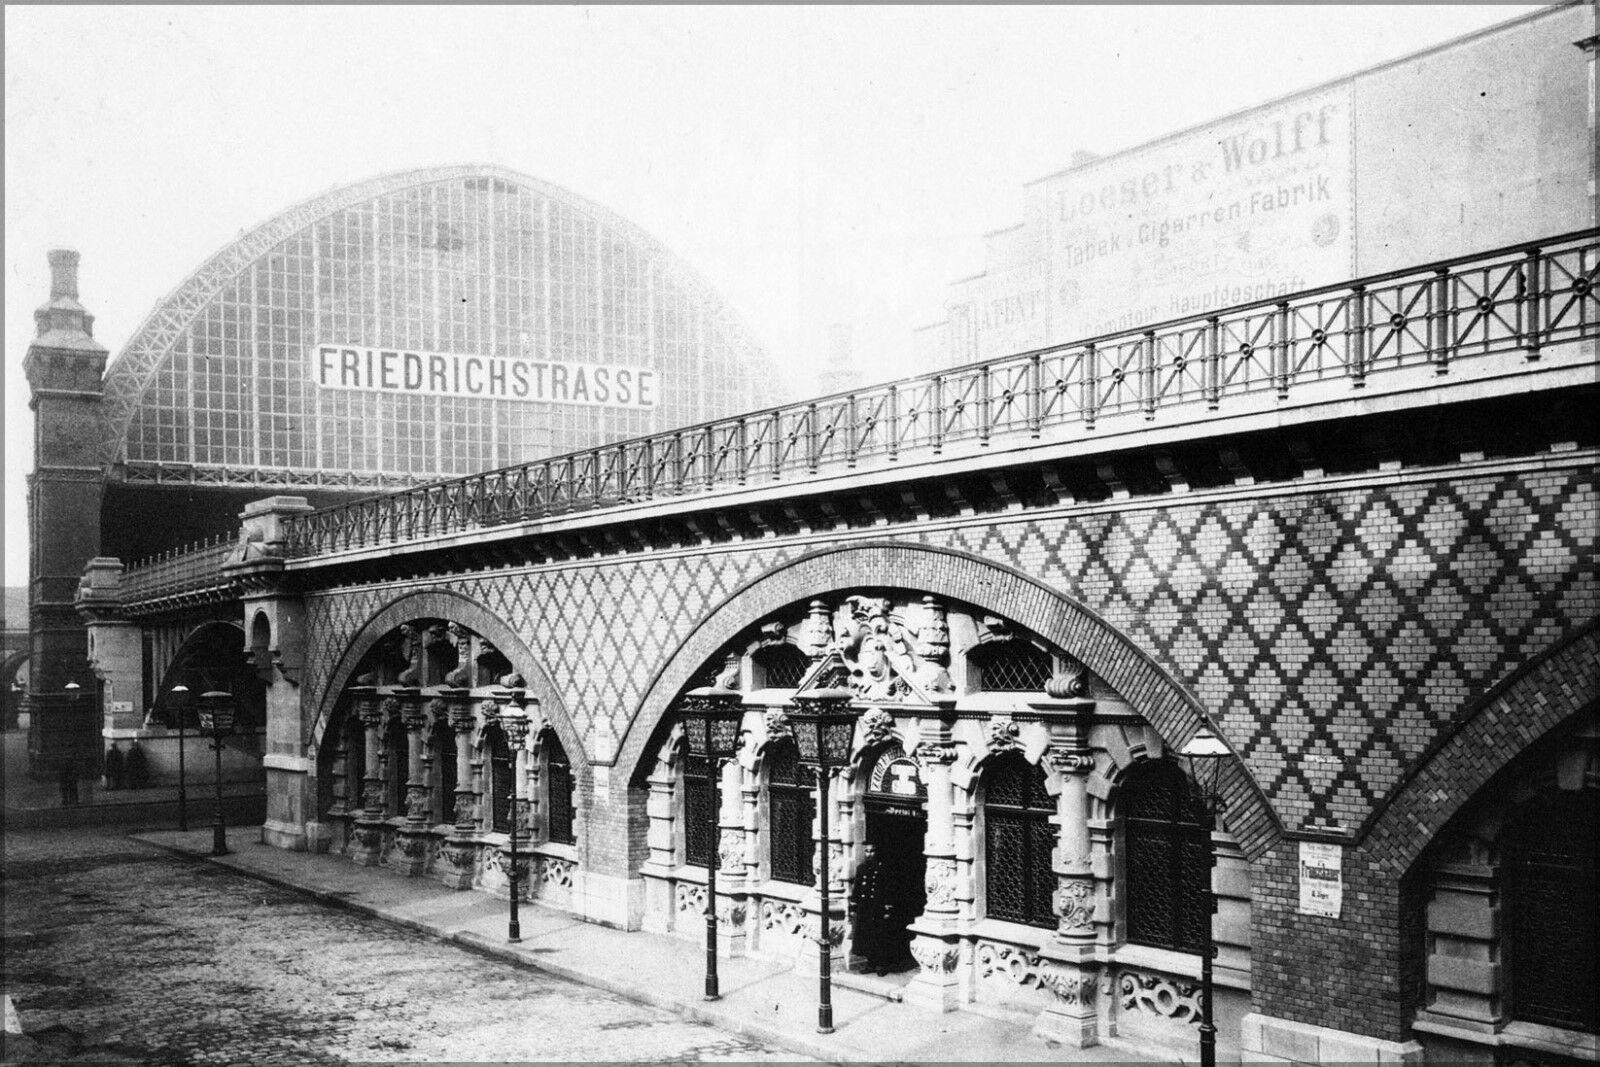 Affiche, Plusieurs Dimensiones; Berlin Friedrichstrasse Railway Station 1885